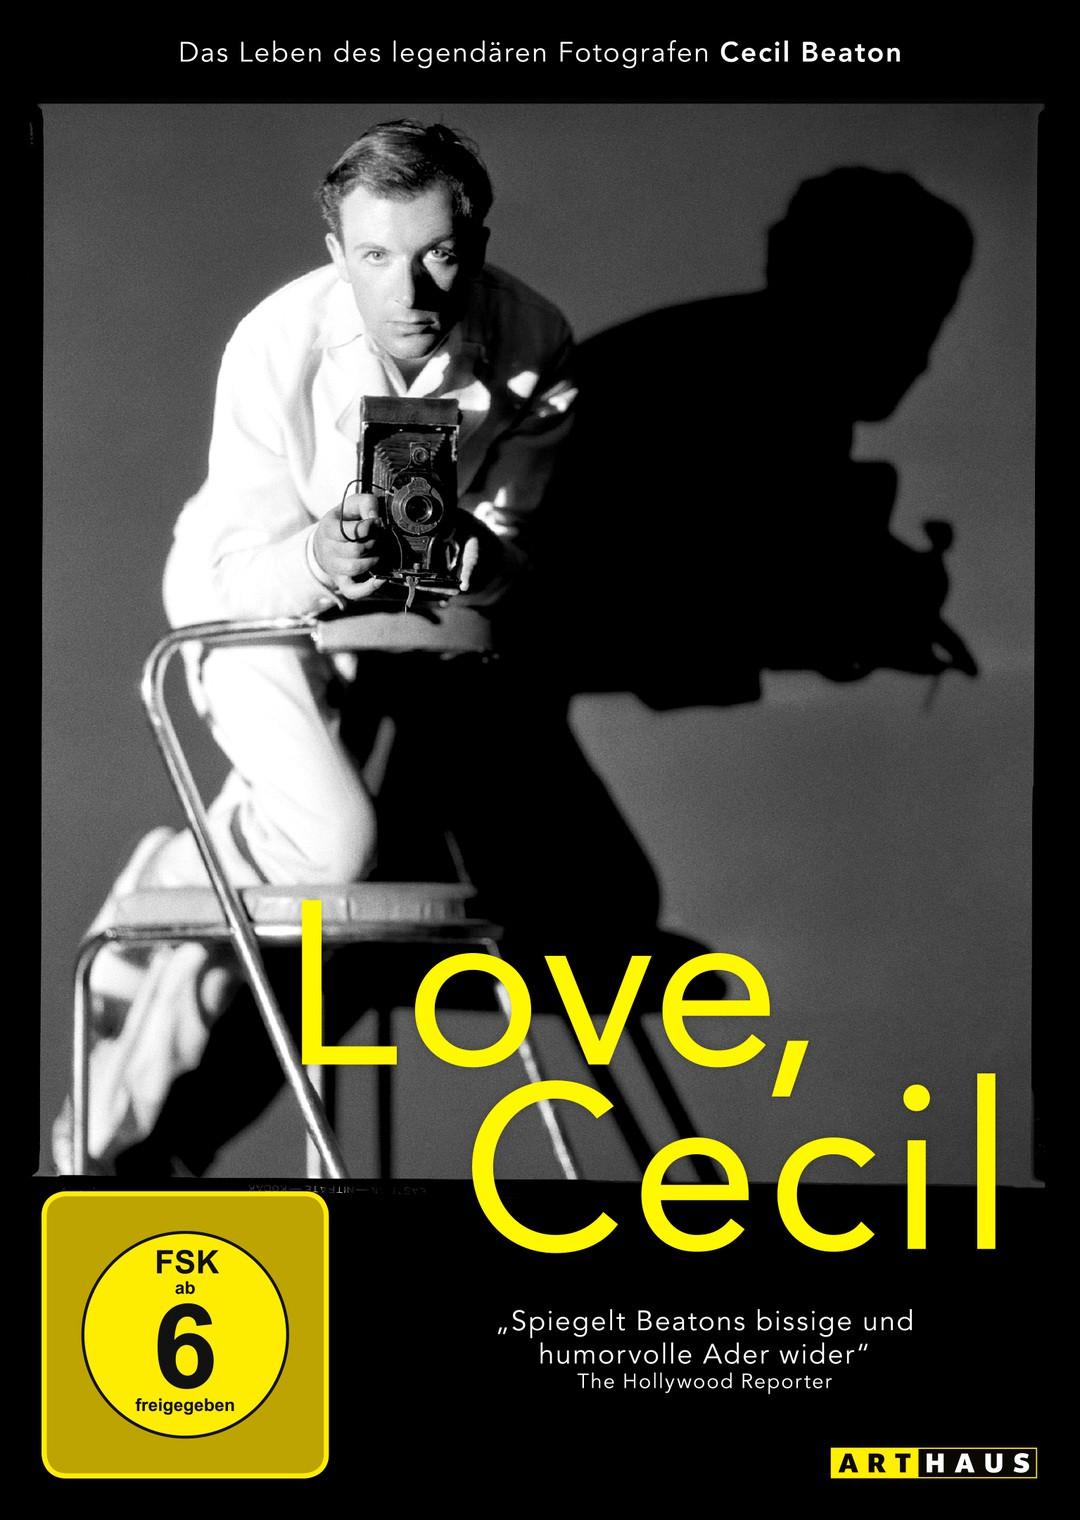 Love Cecil Trailer - Bild 1 von 8